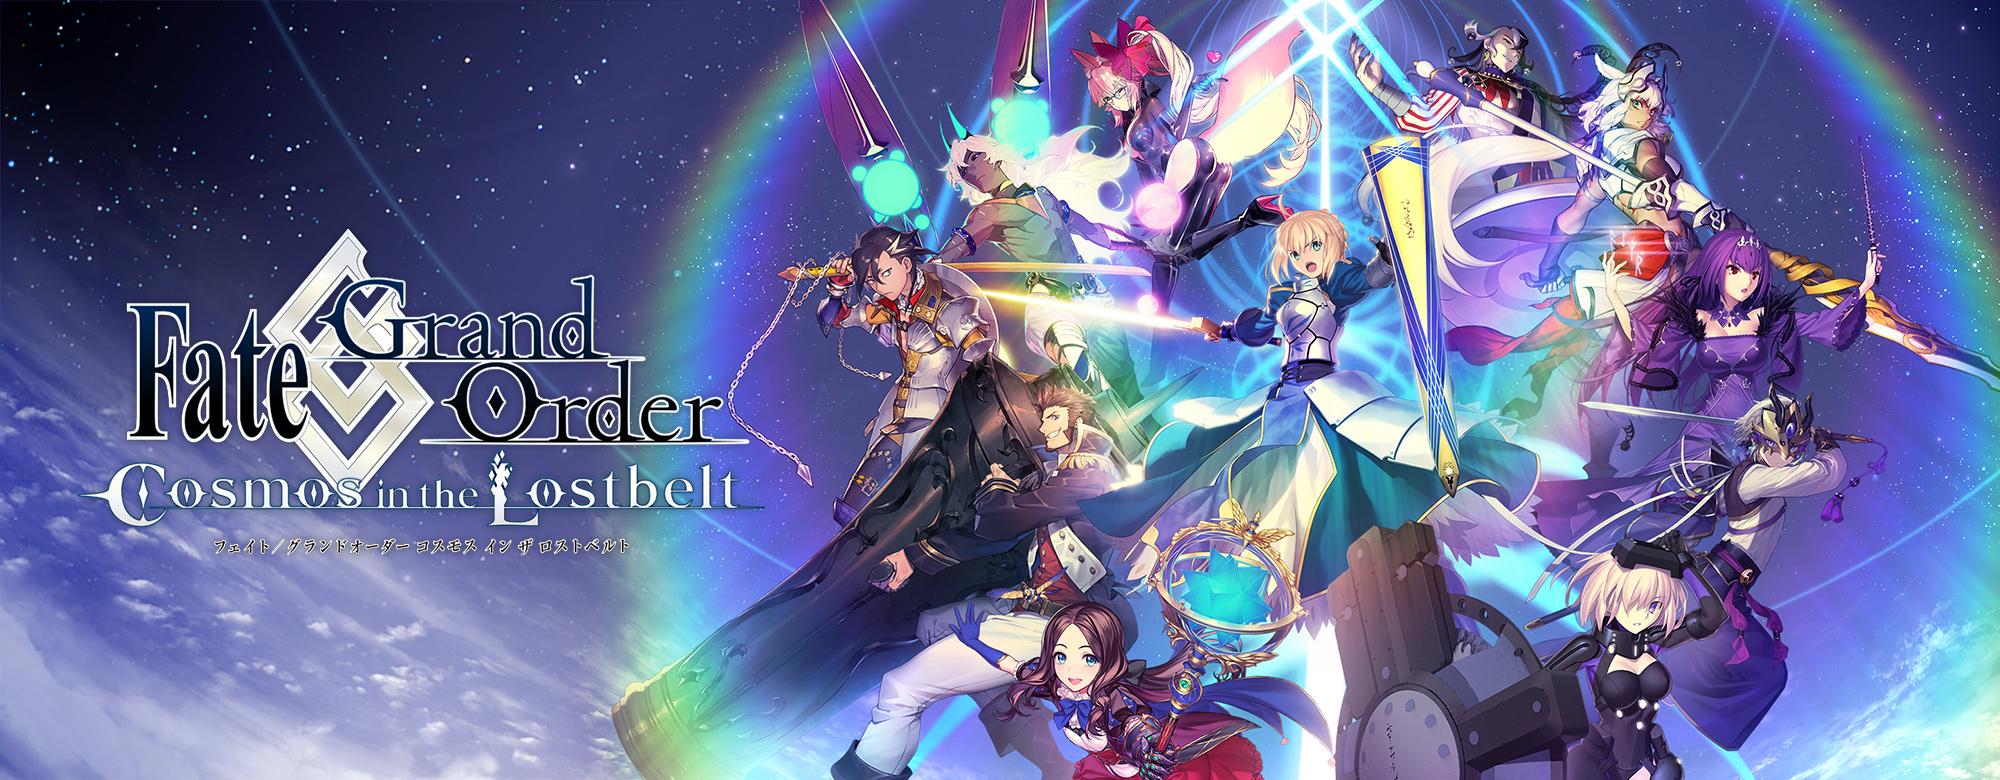 Fate/Grand Orderの画像 p1_20